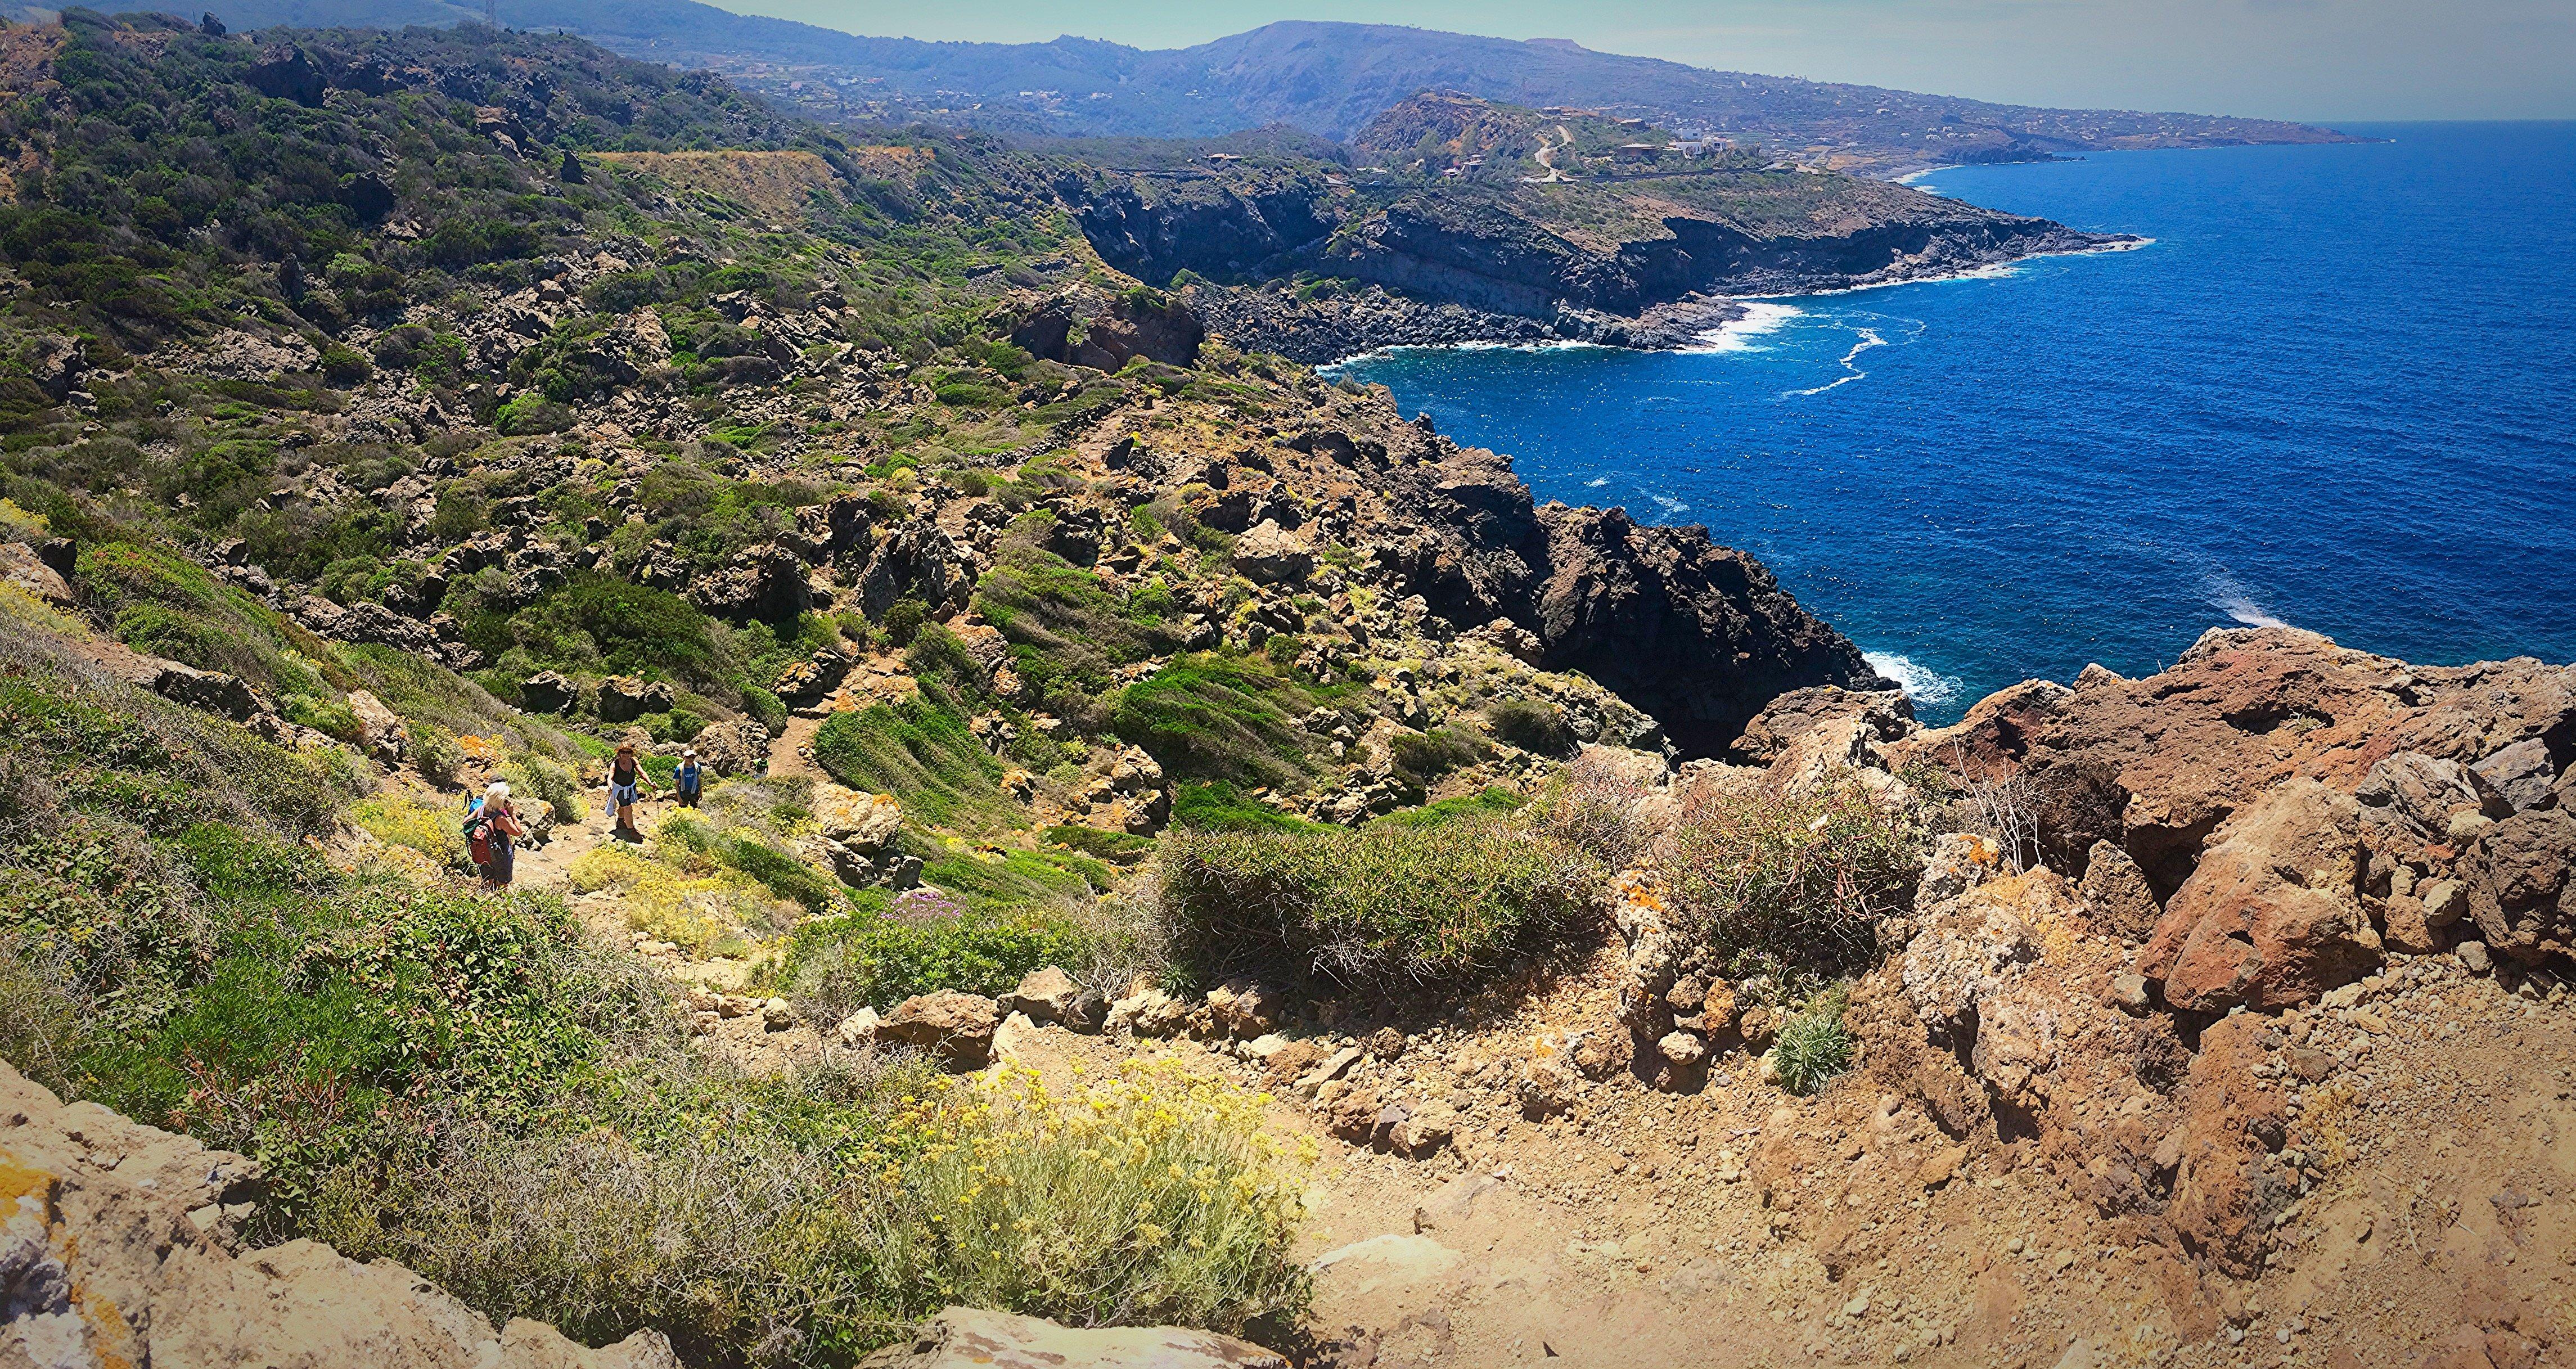 Pantelleria - Costone lavico Cala Cottone